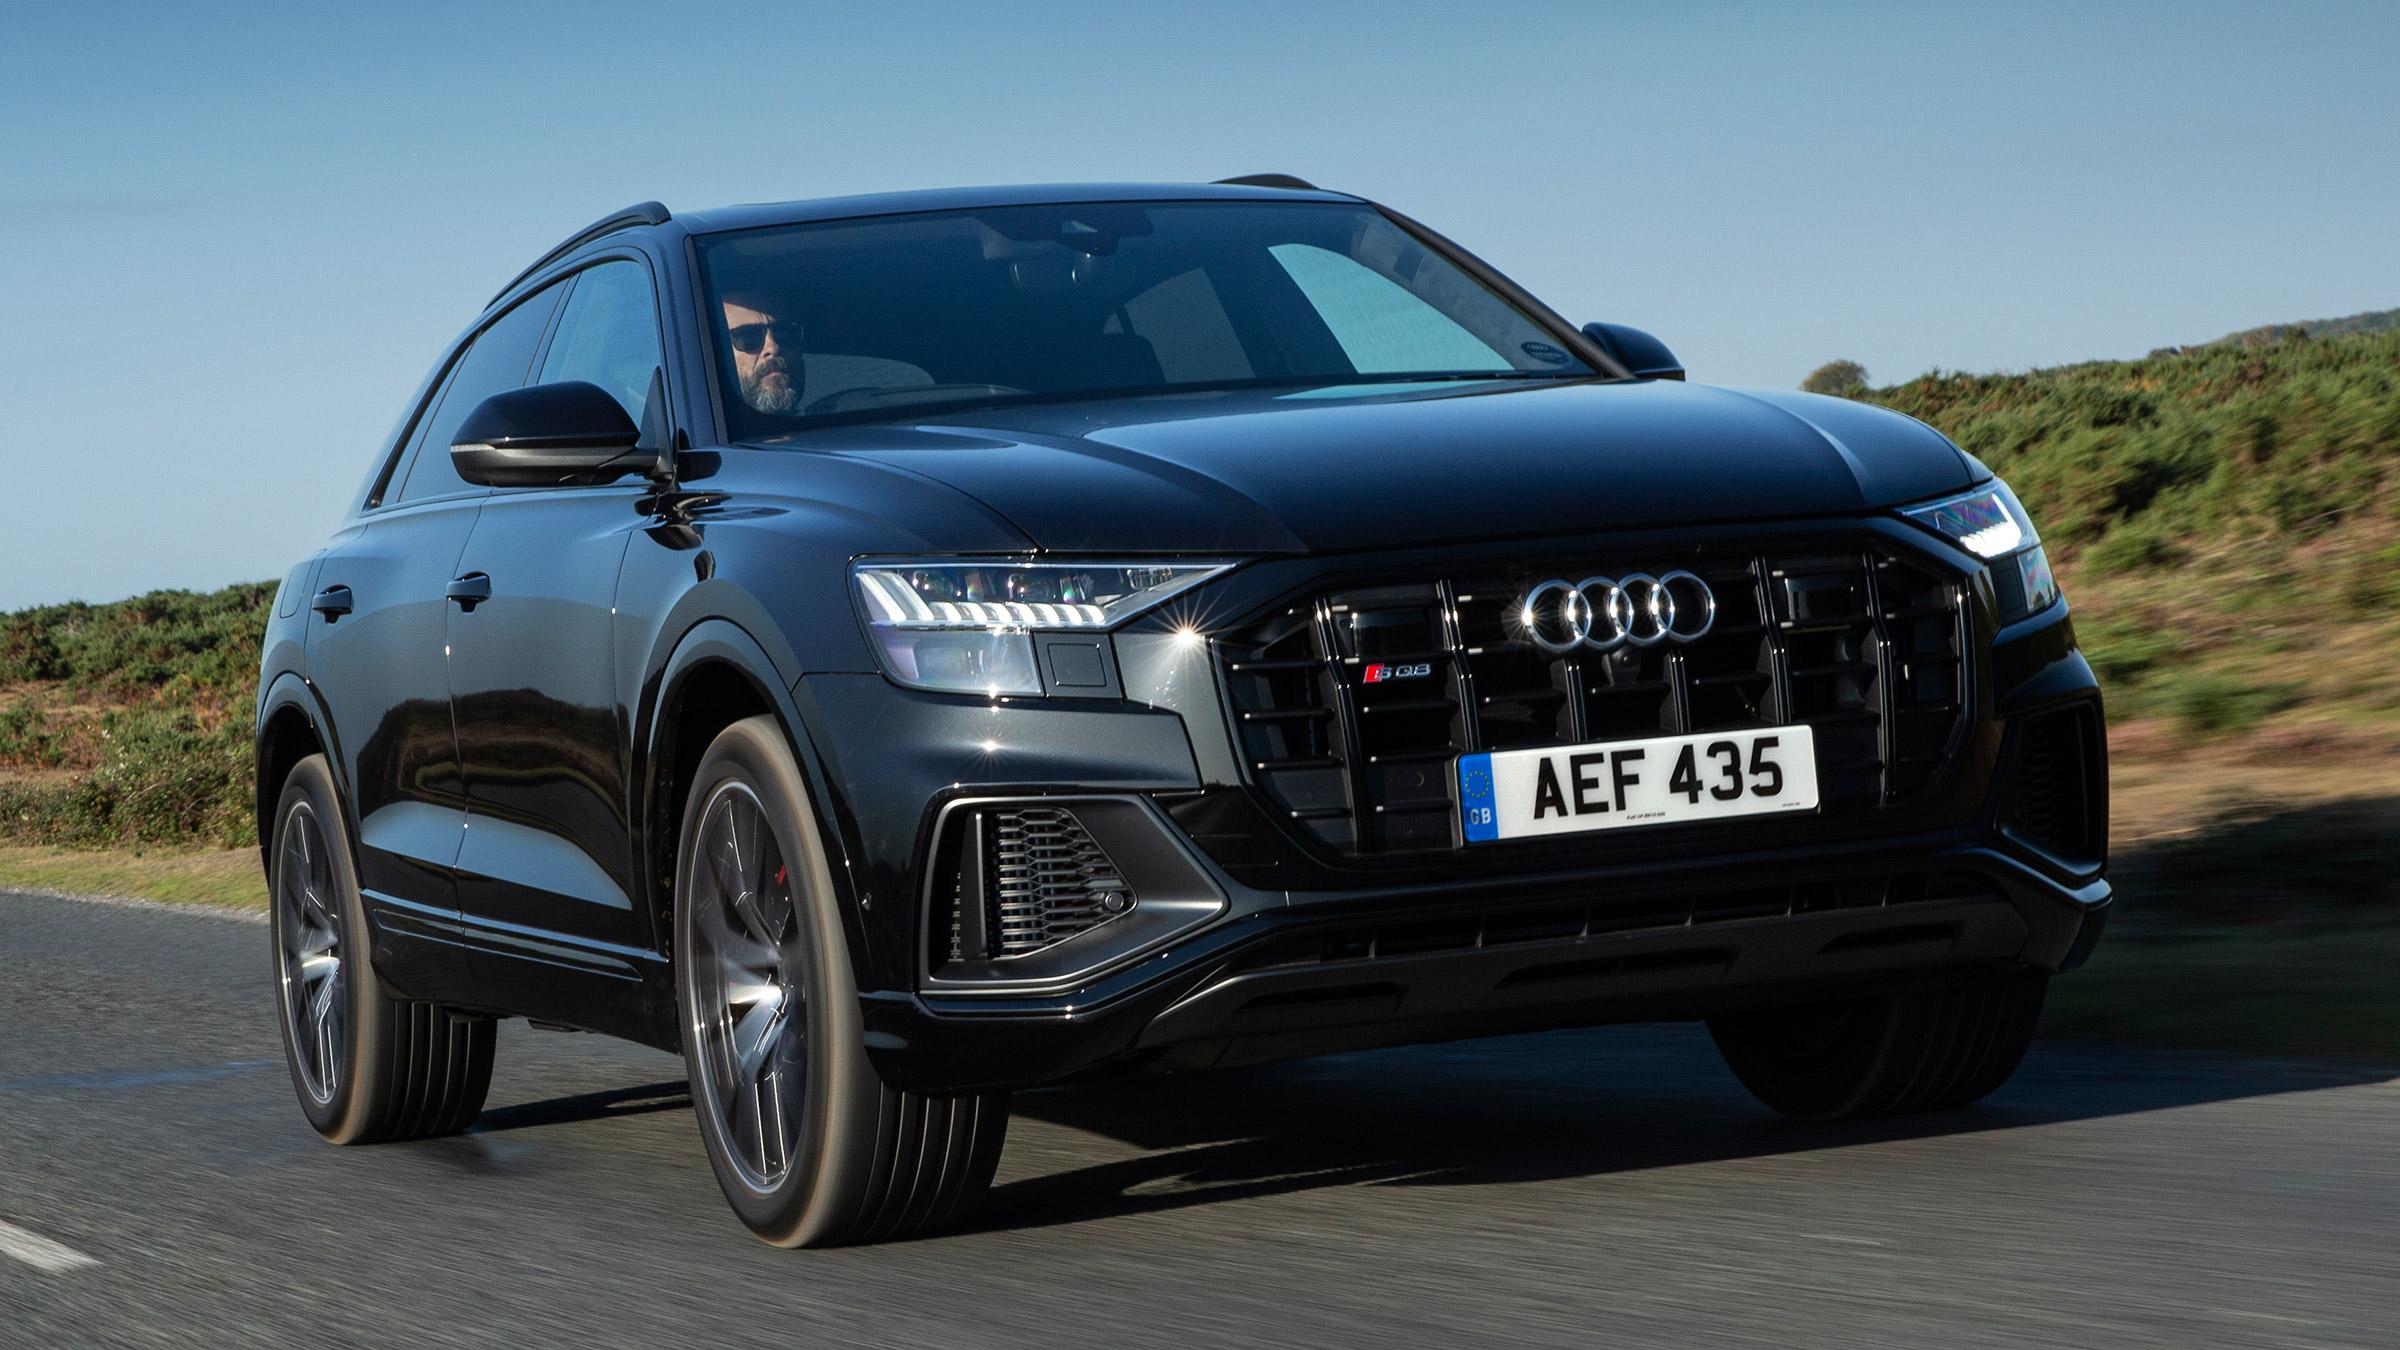 Kelebihan Kekurangan Audi Sq8 Spesifikasi